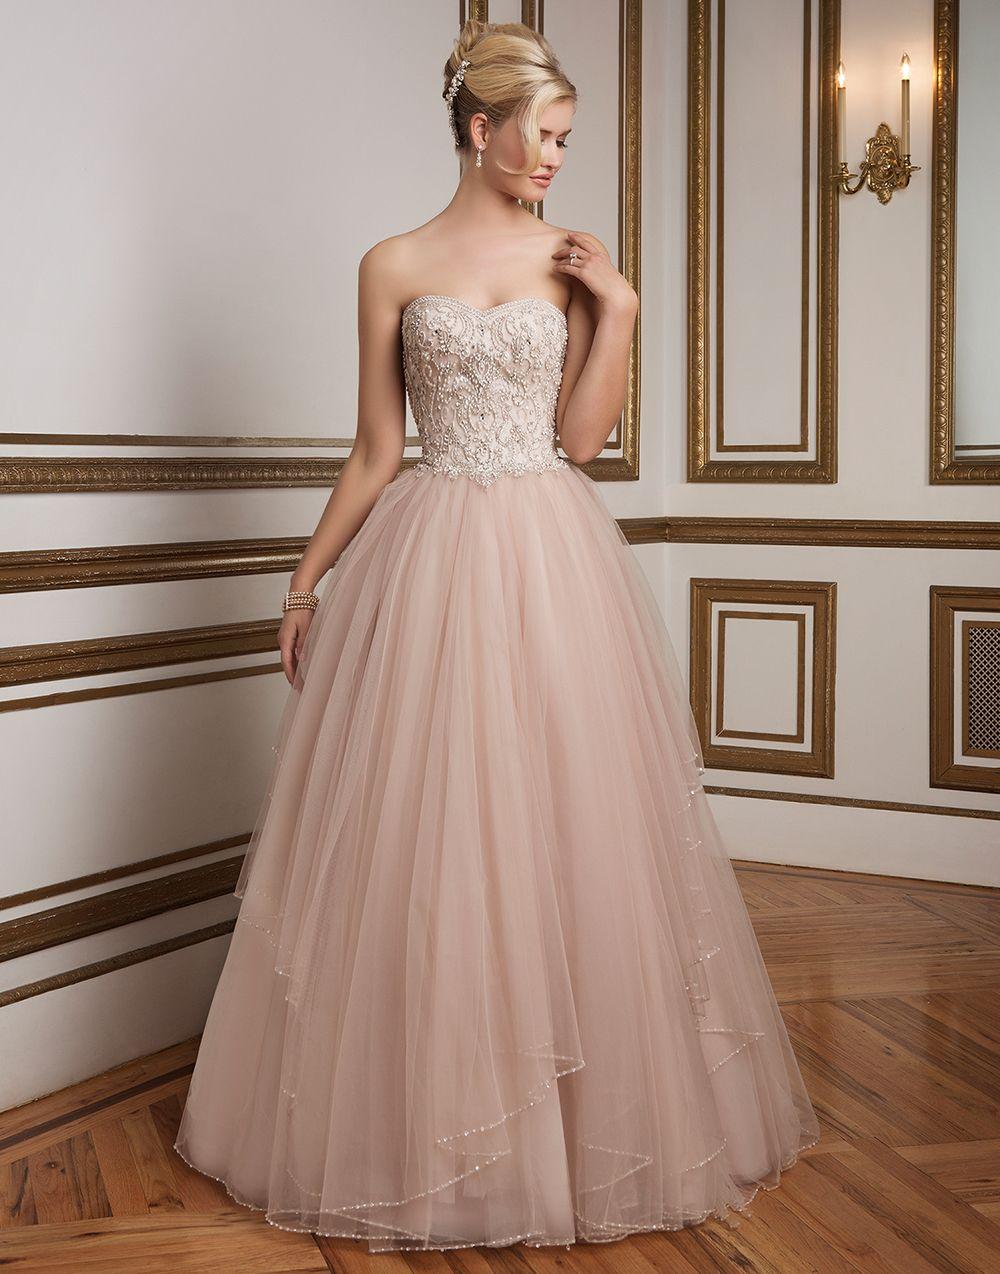 Justin Alexander 8847, $1,399 Size: 14 | Sample Wedding Dresses